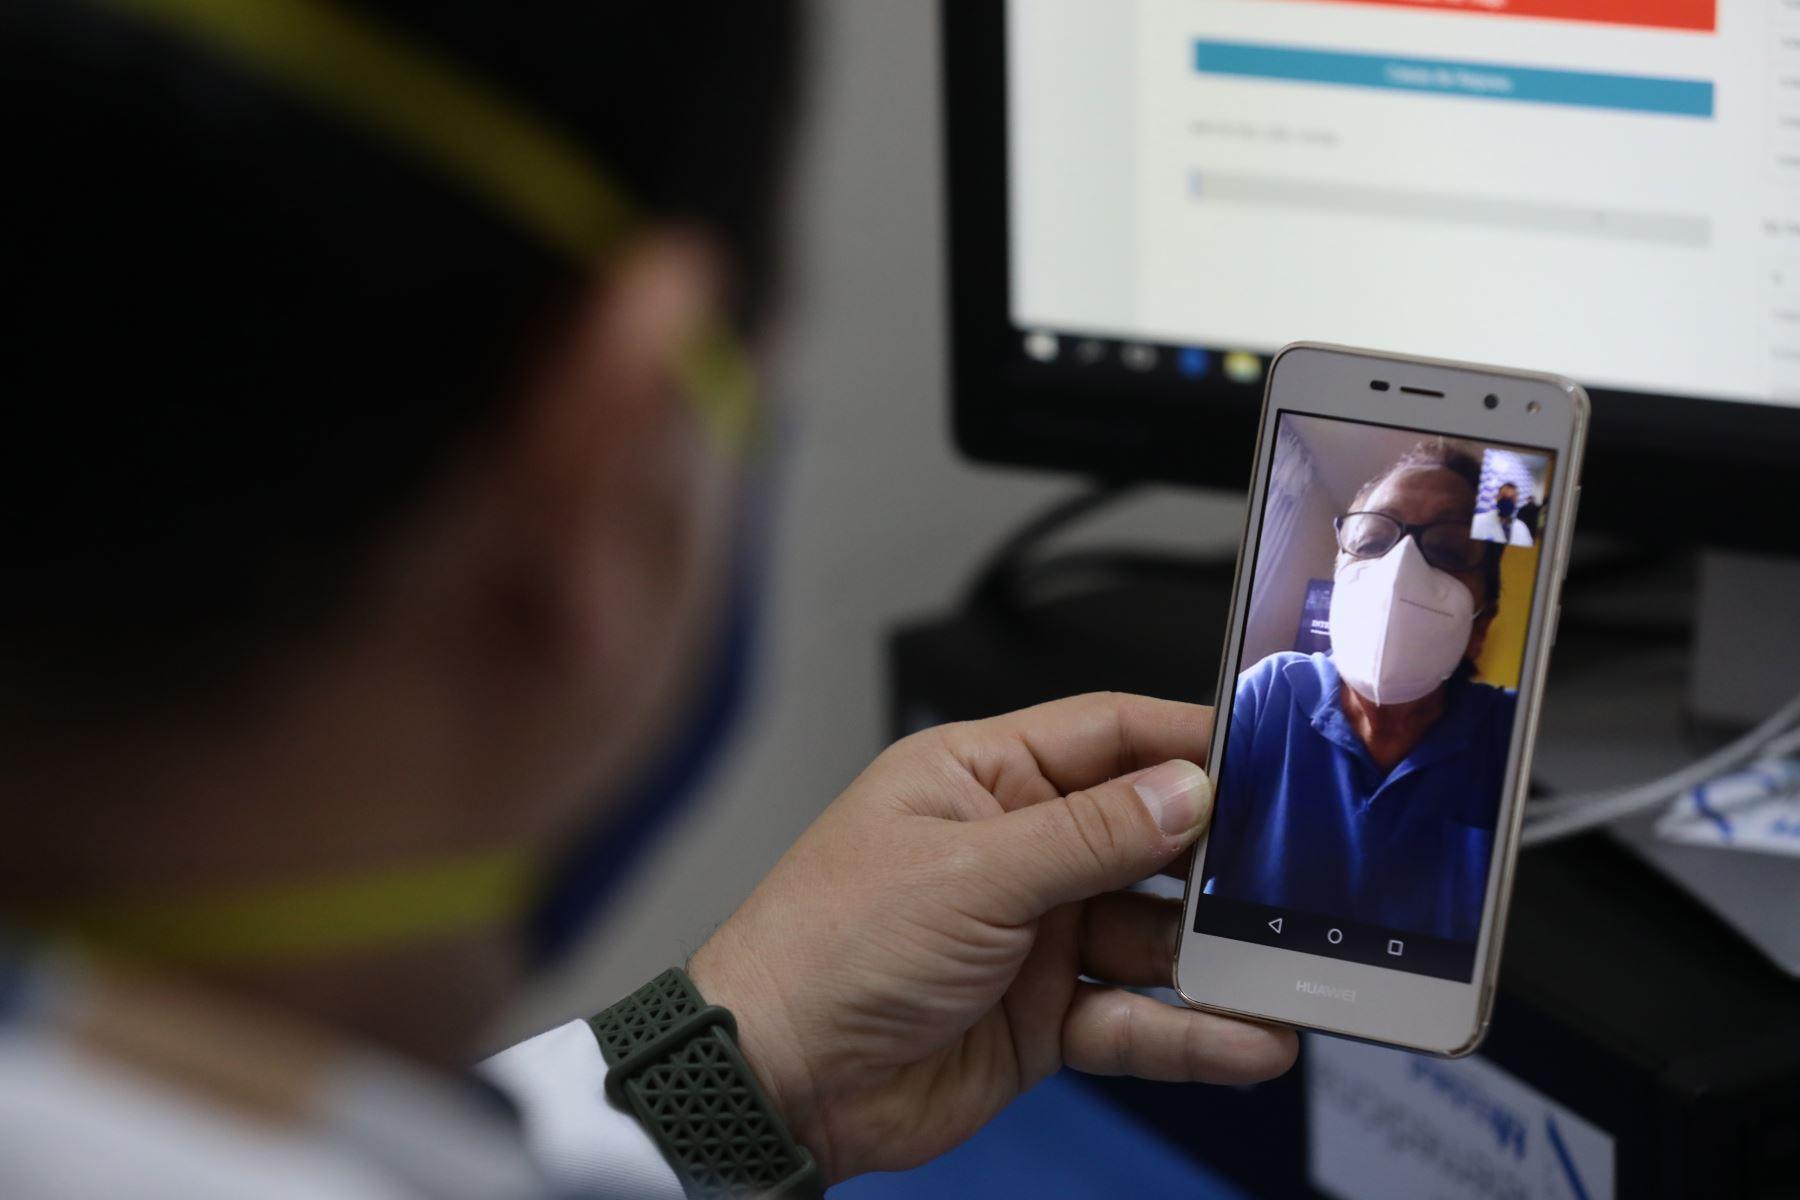 Essalud usa la telemedicina para monitorear recuperación de pacientes Covid-19 en sus domicilios. Foto: Essalud